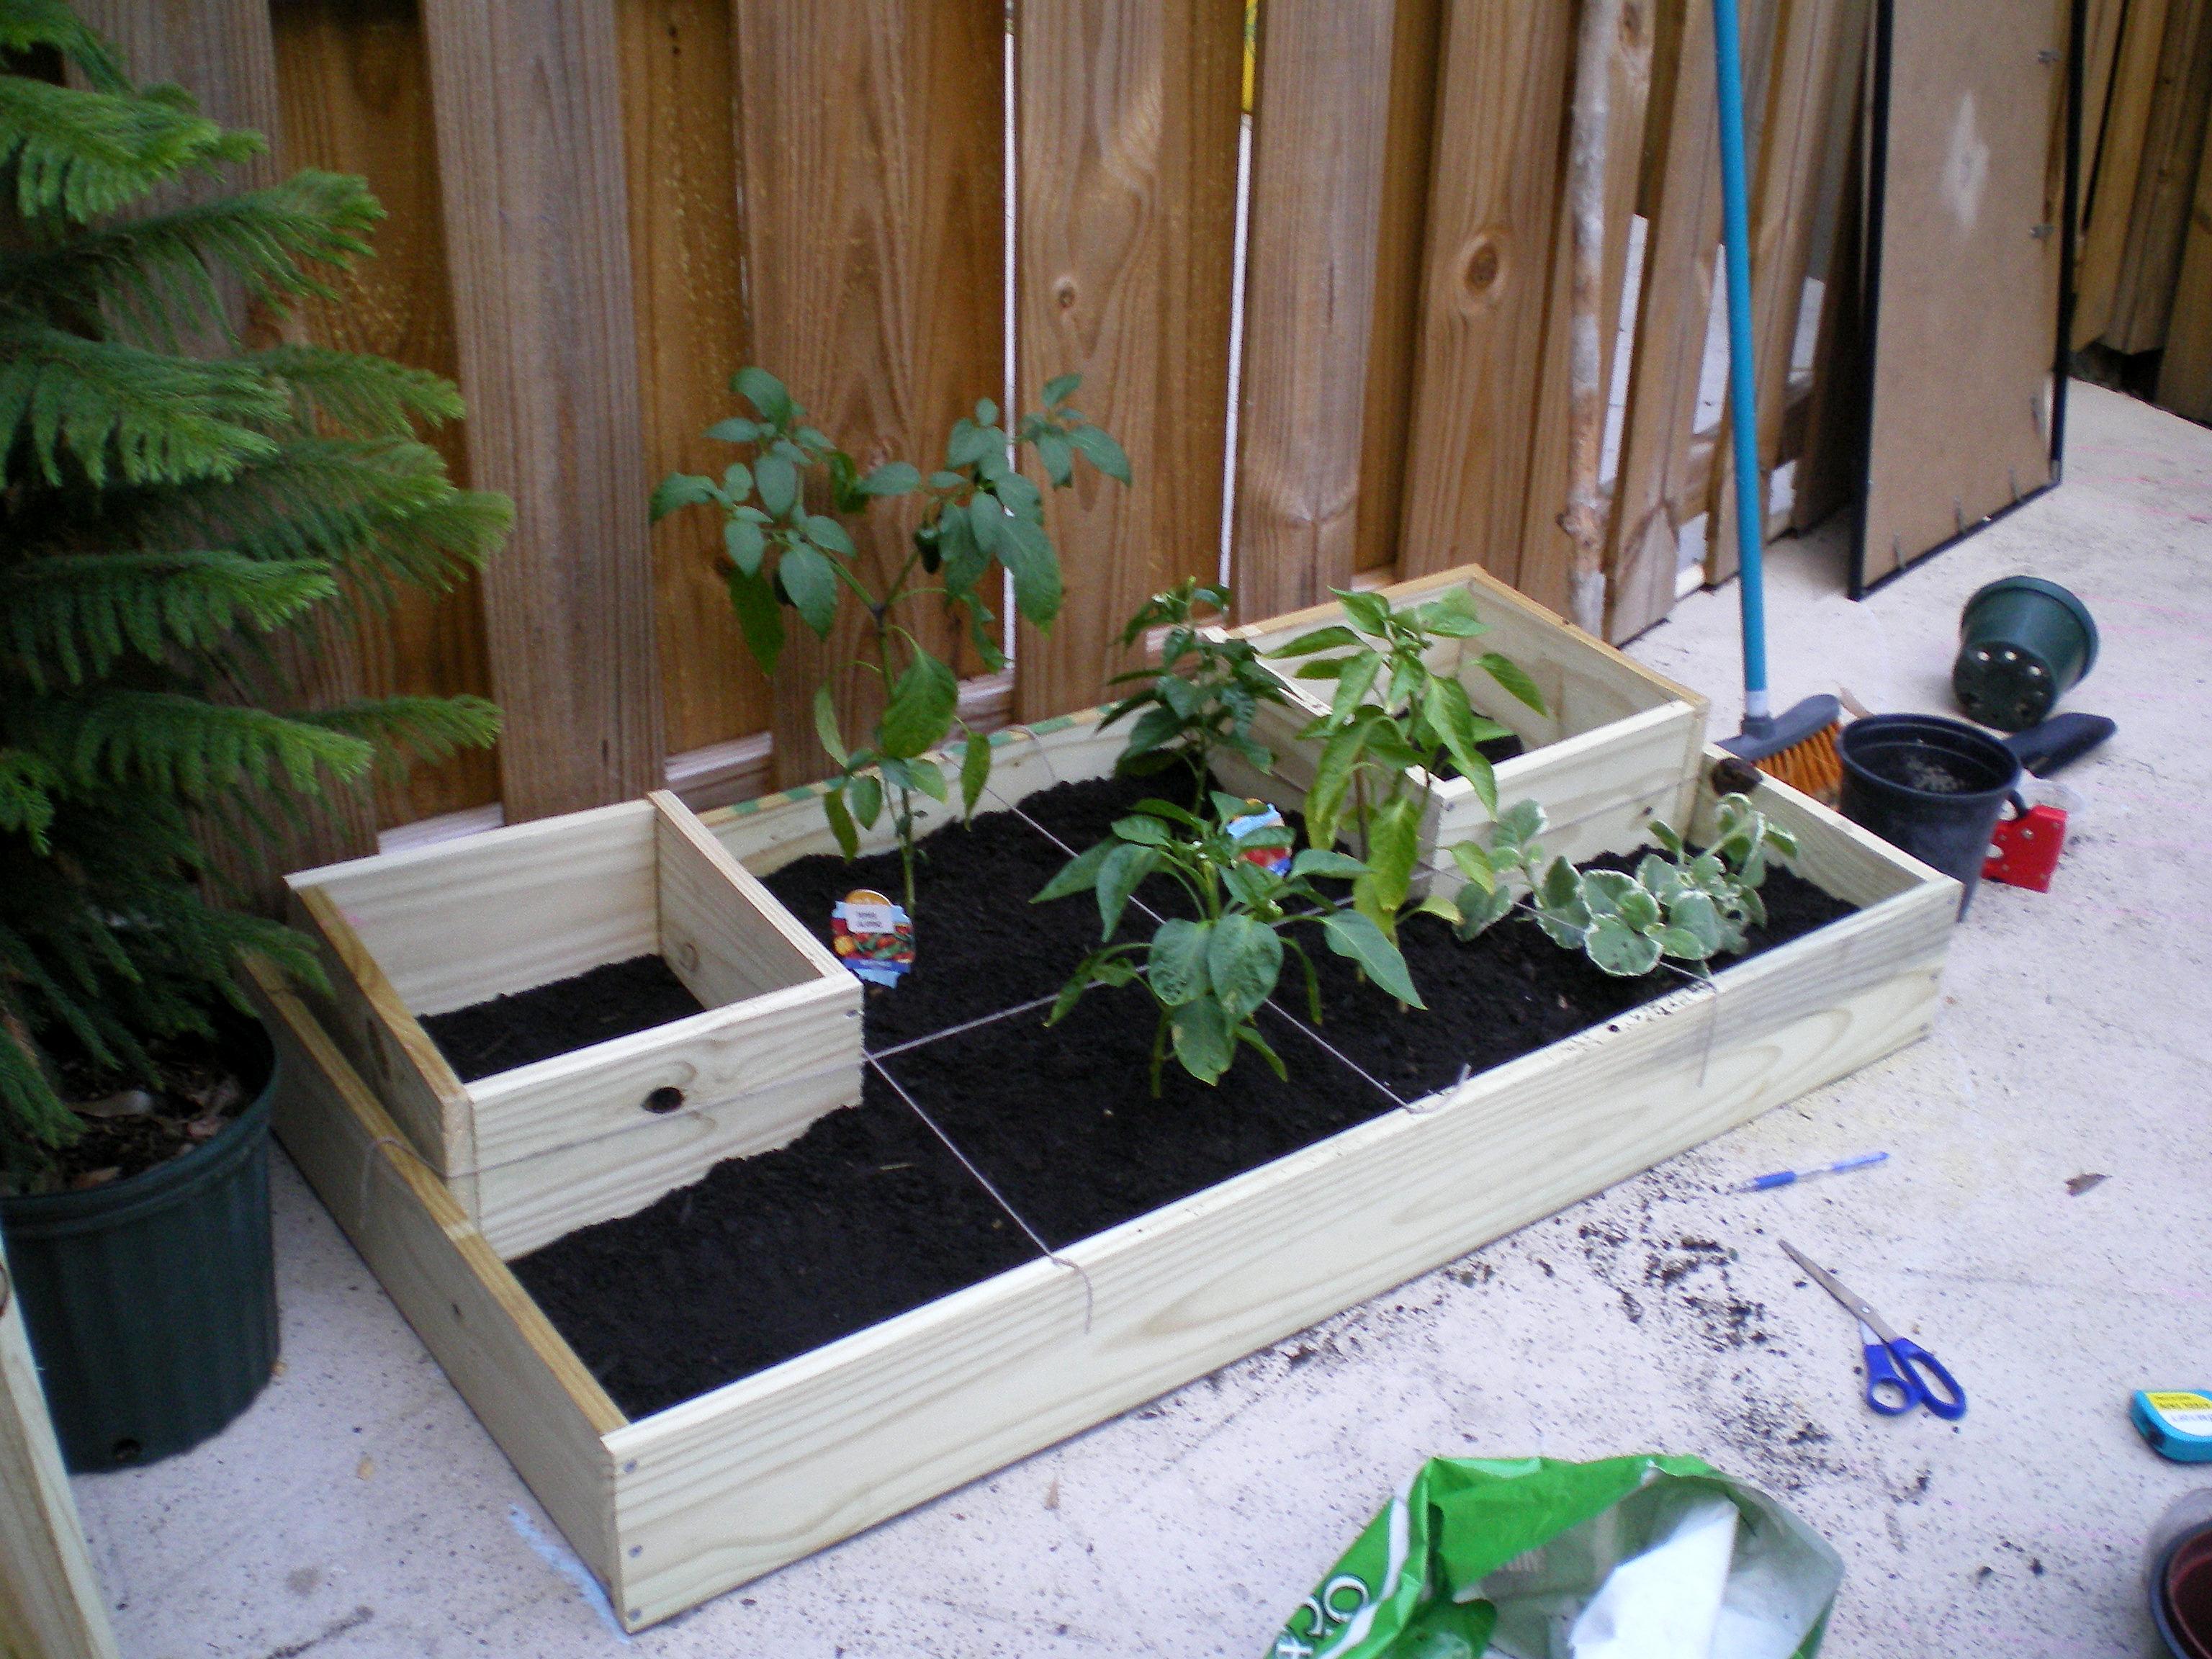 Urban Homestead Garden (squarefoot gardening abridged)